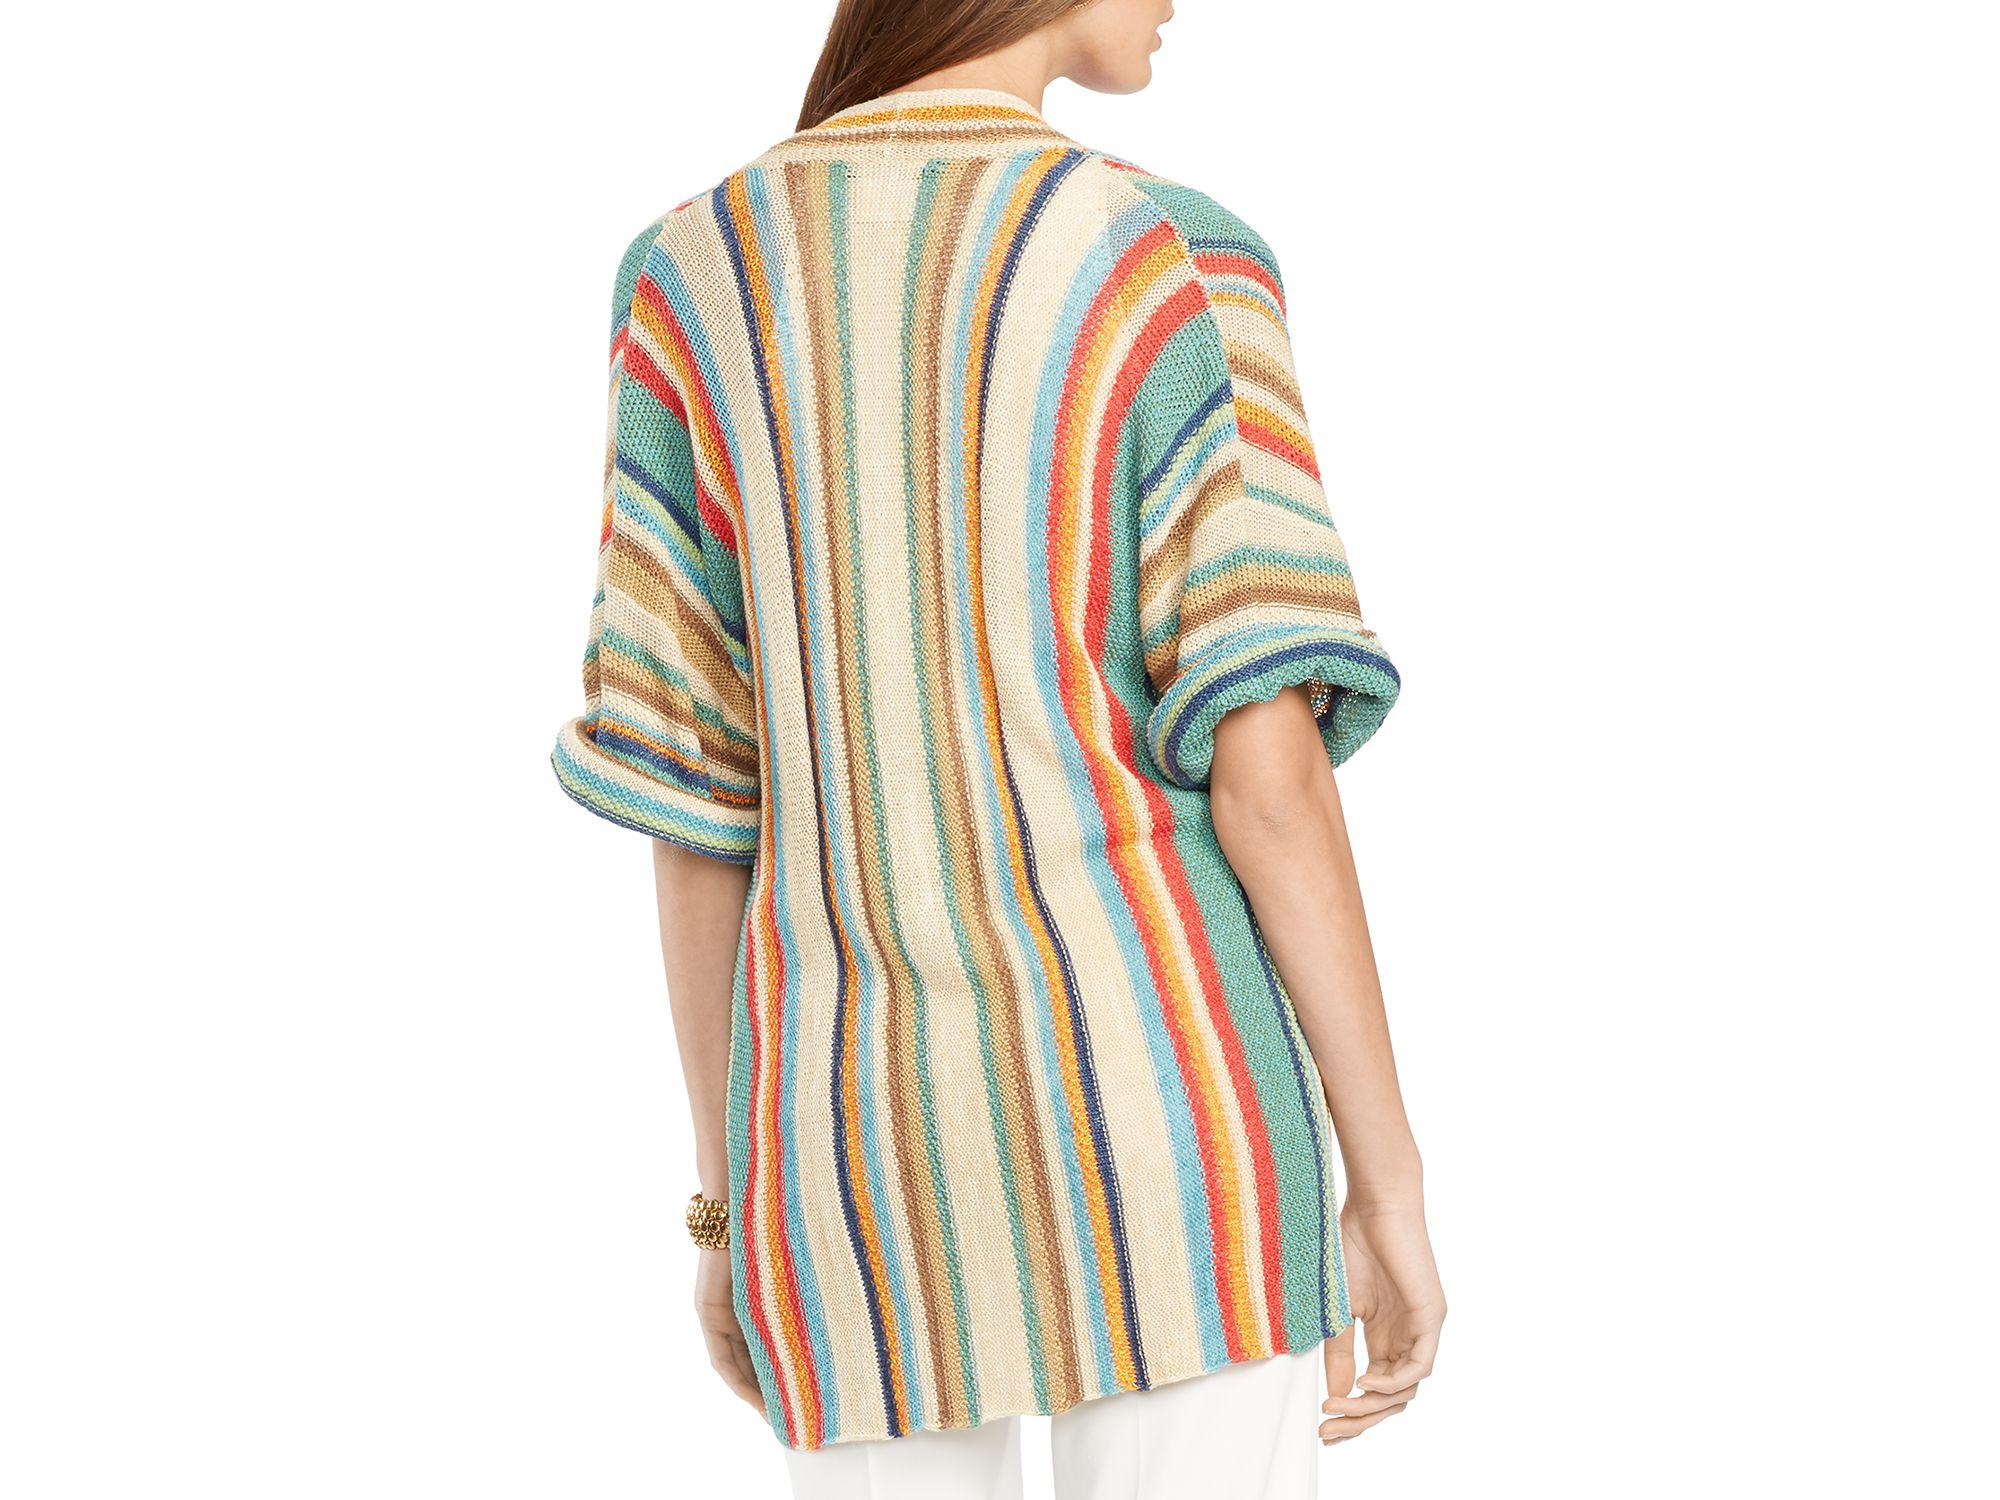 Ralph lauren Lauren Striped Kimono Cardigan | Lyst